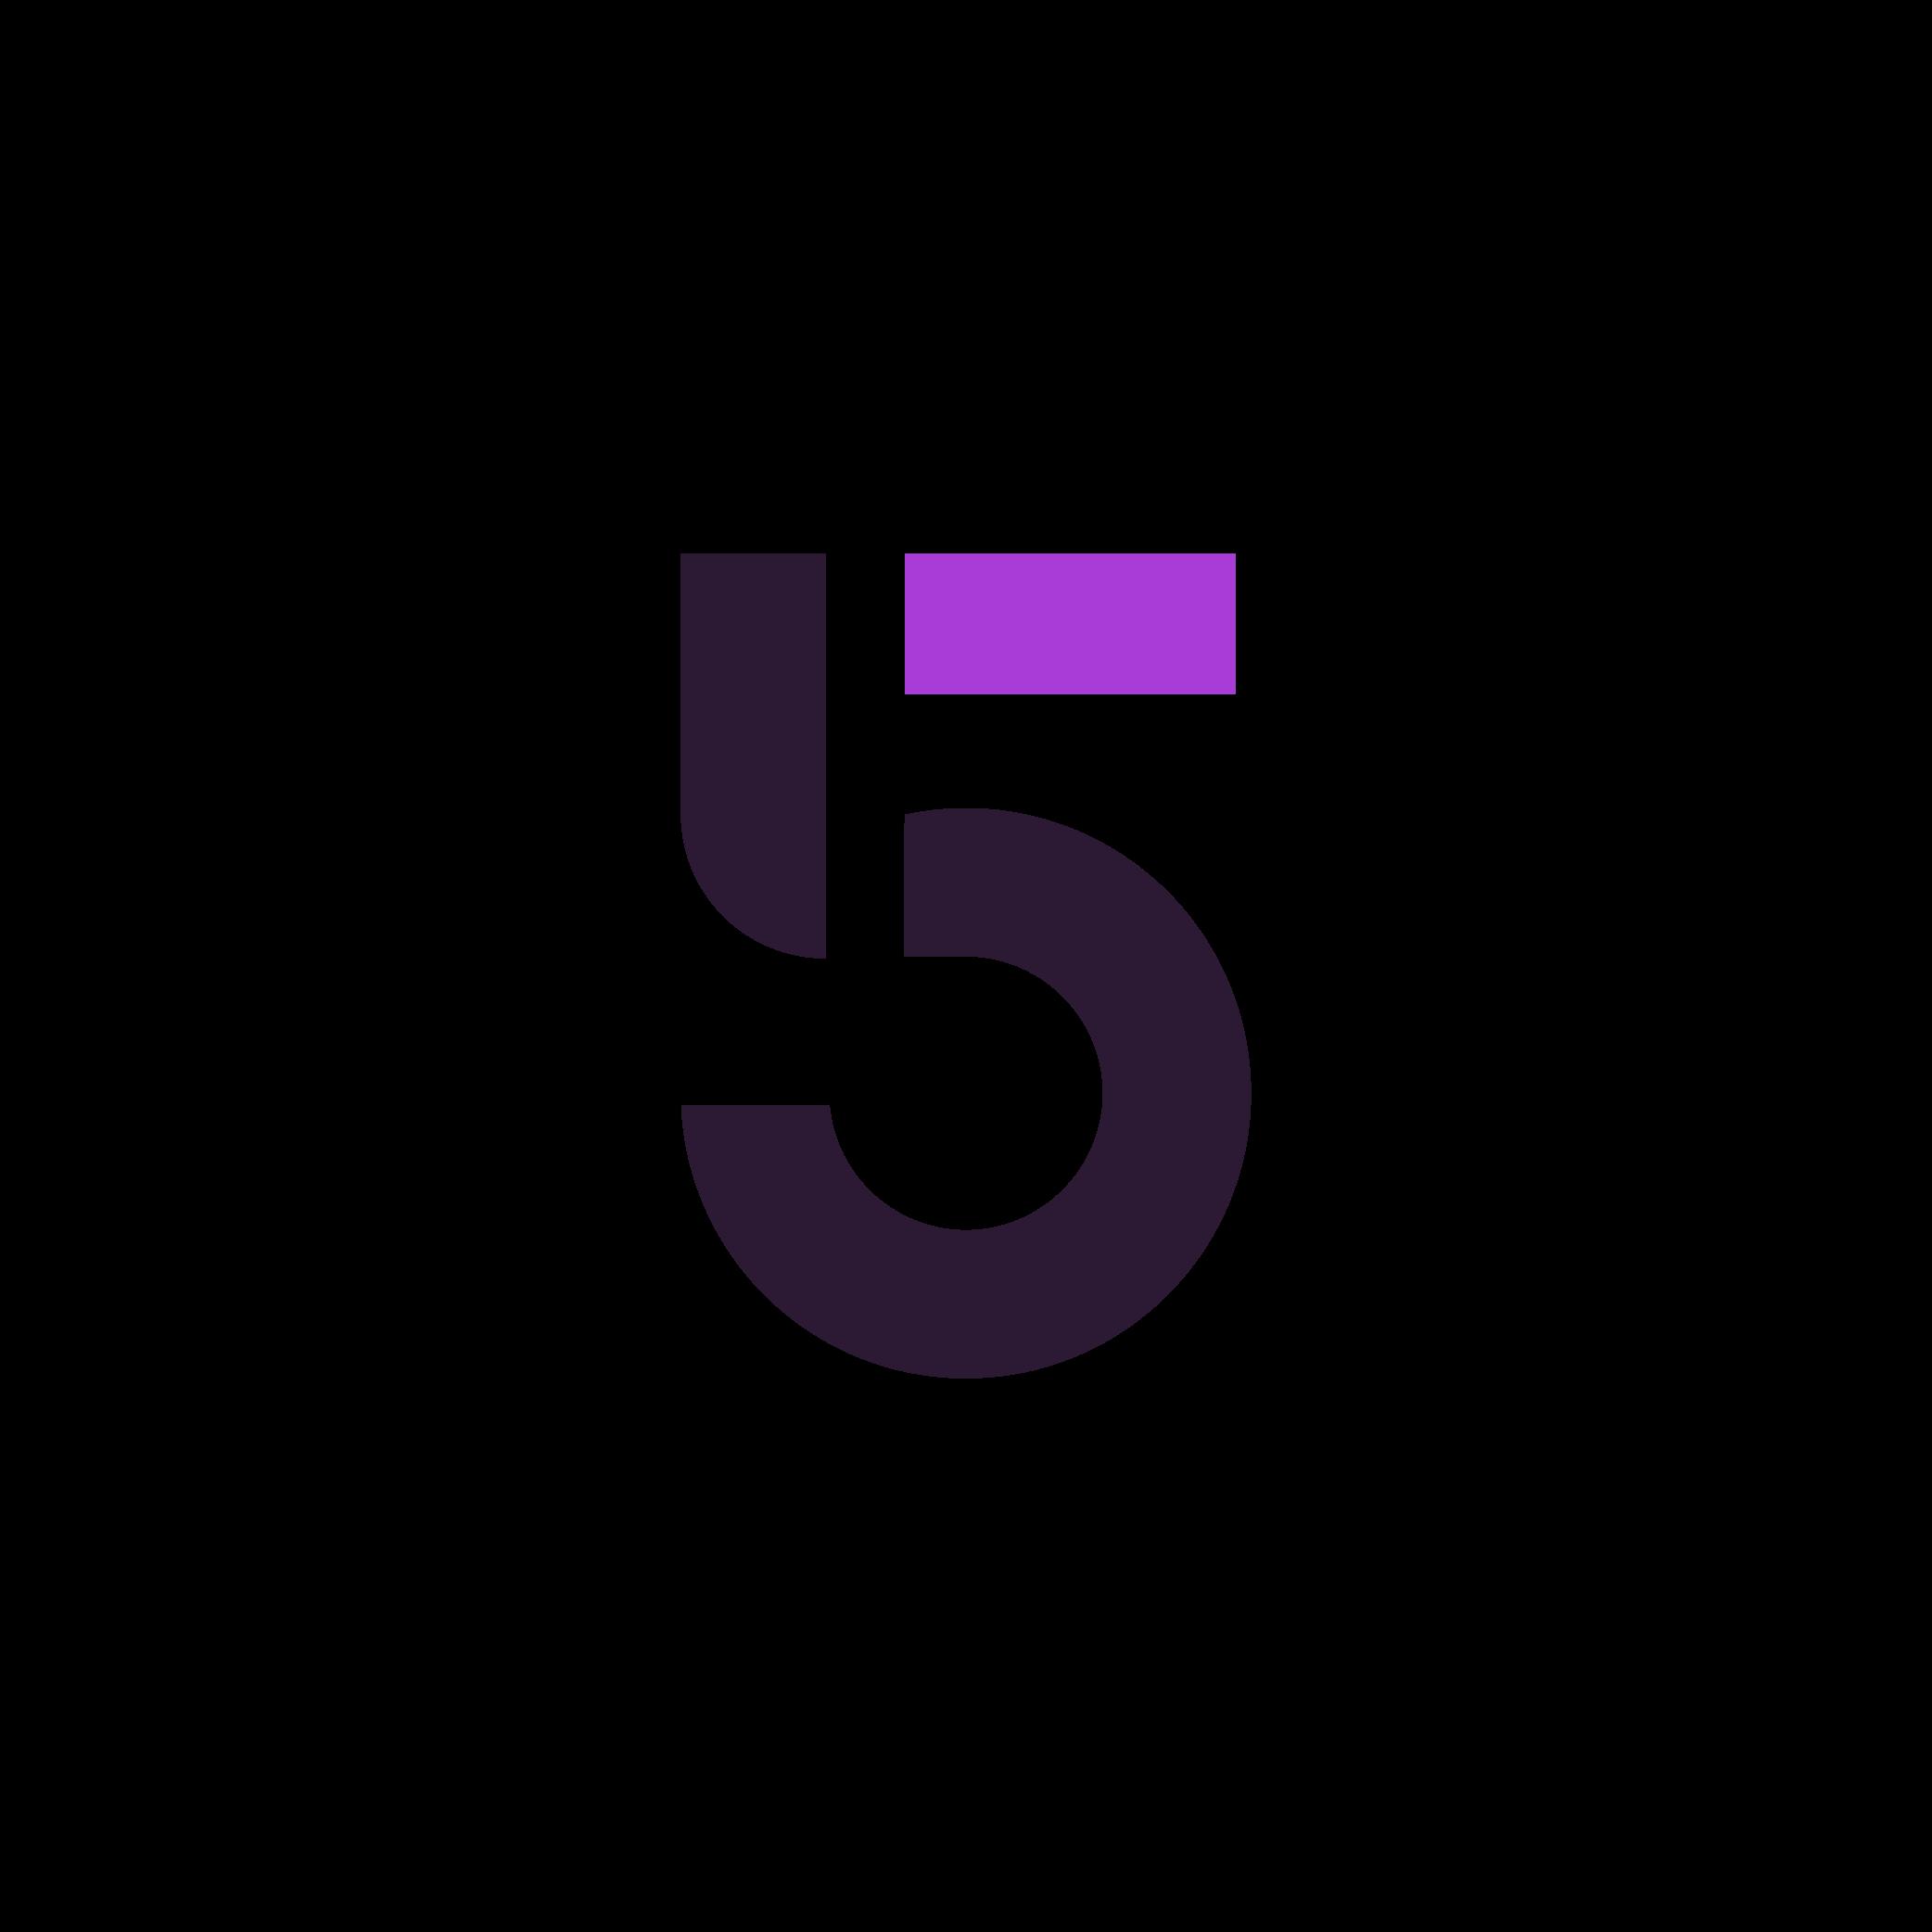 Five Binaries logo